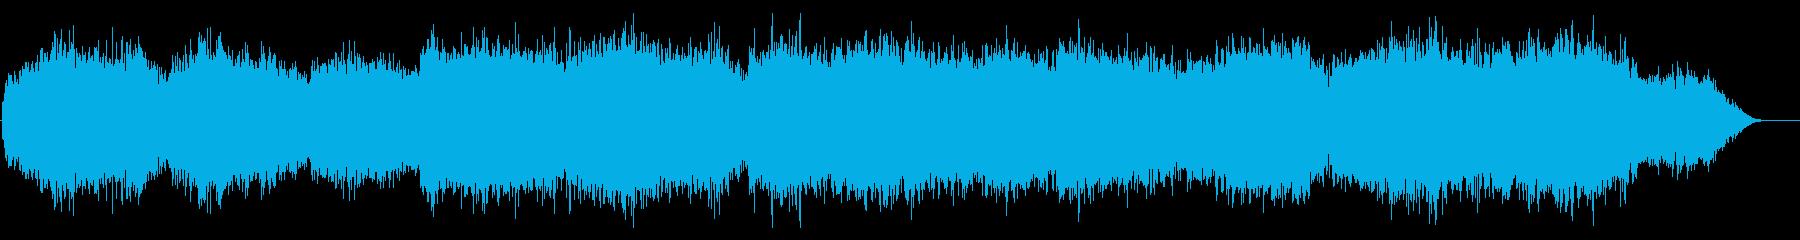 あやしいオバさん❤不思議な歌とハープ❤Bの再生済みの波形